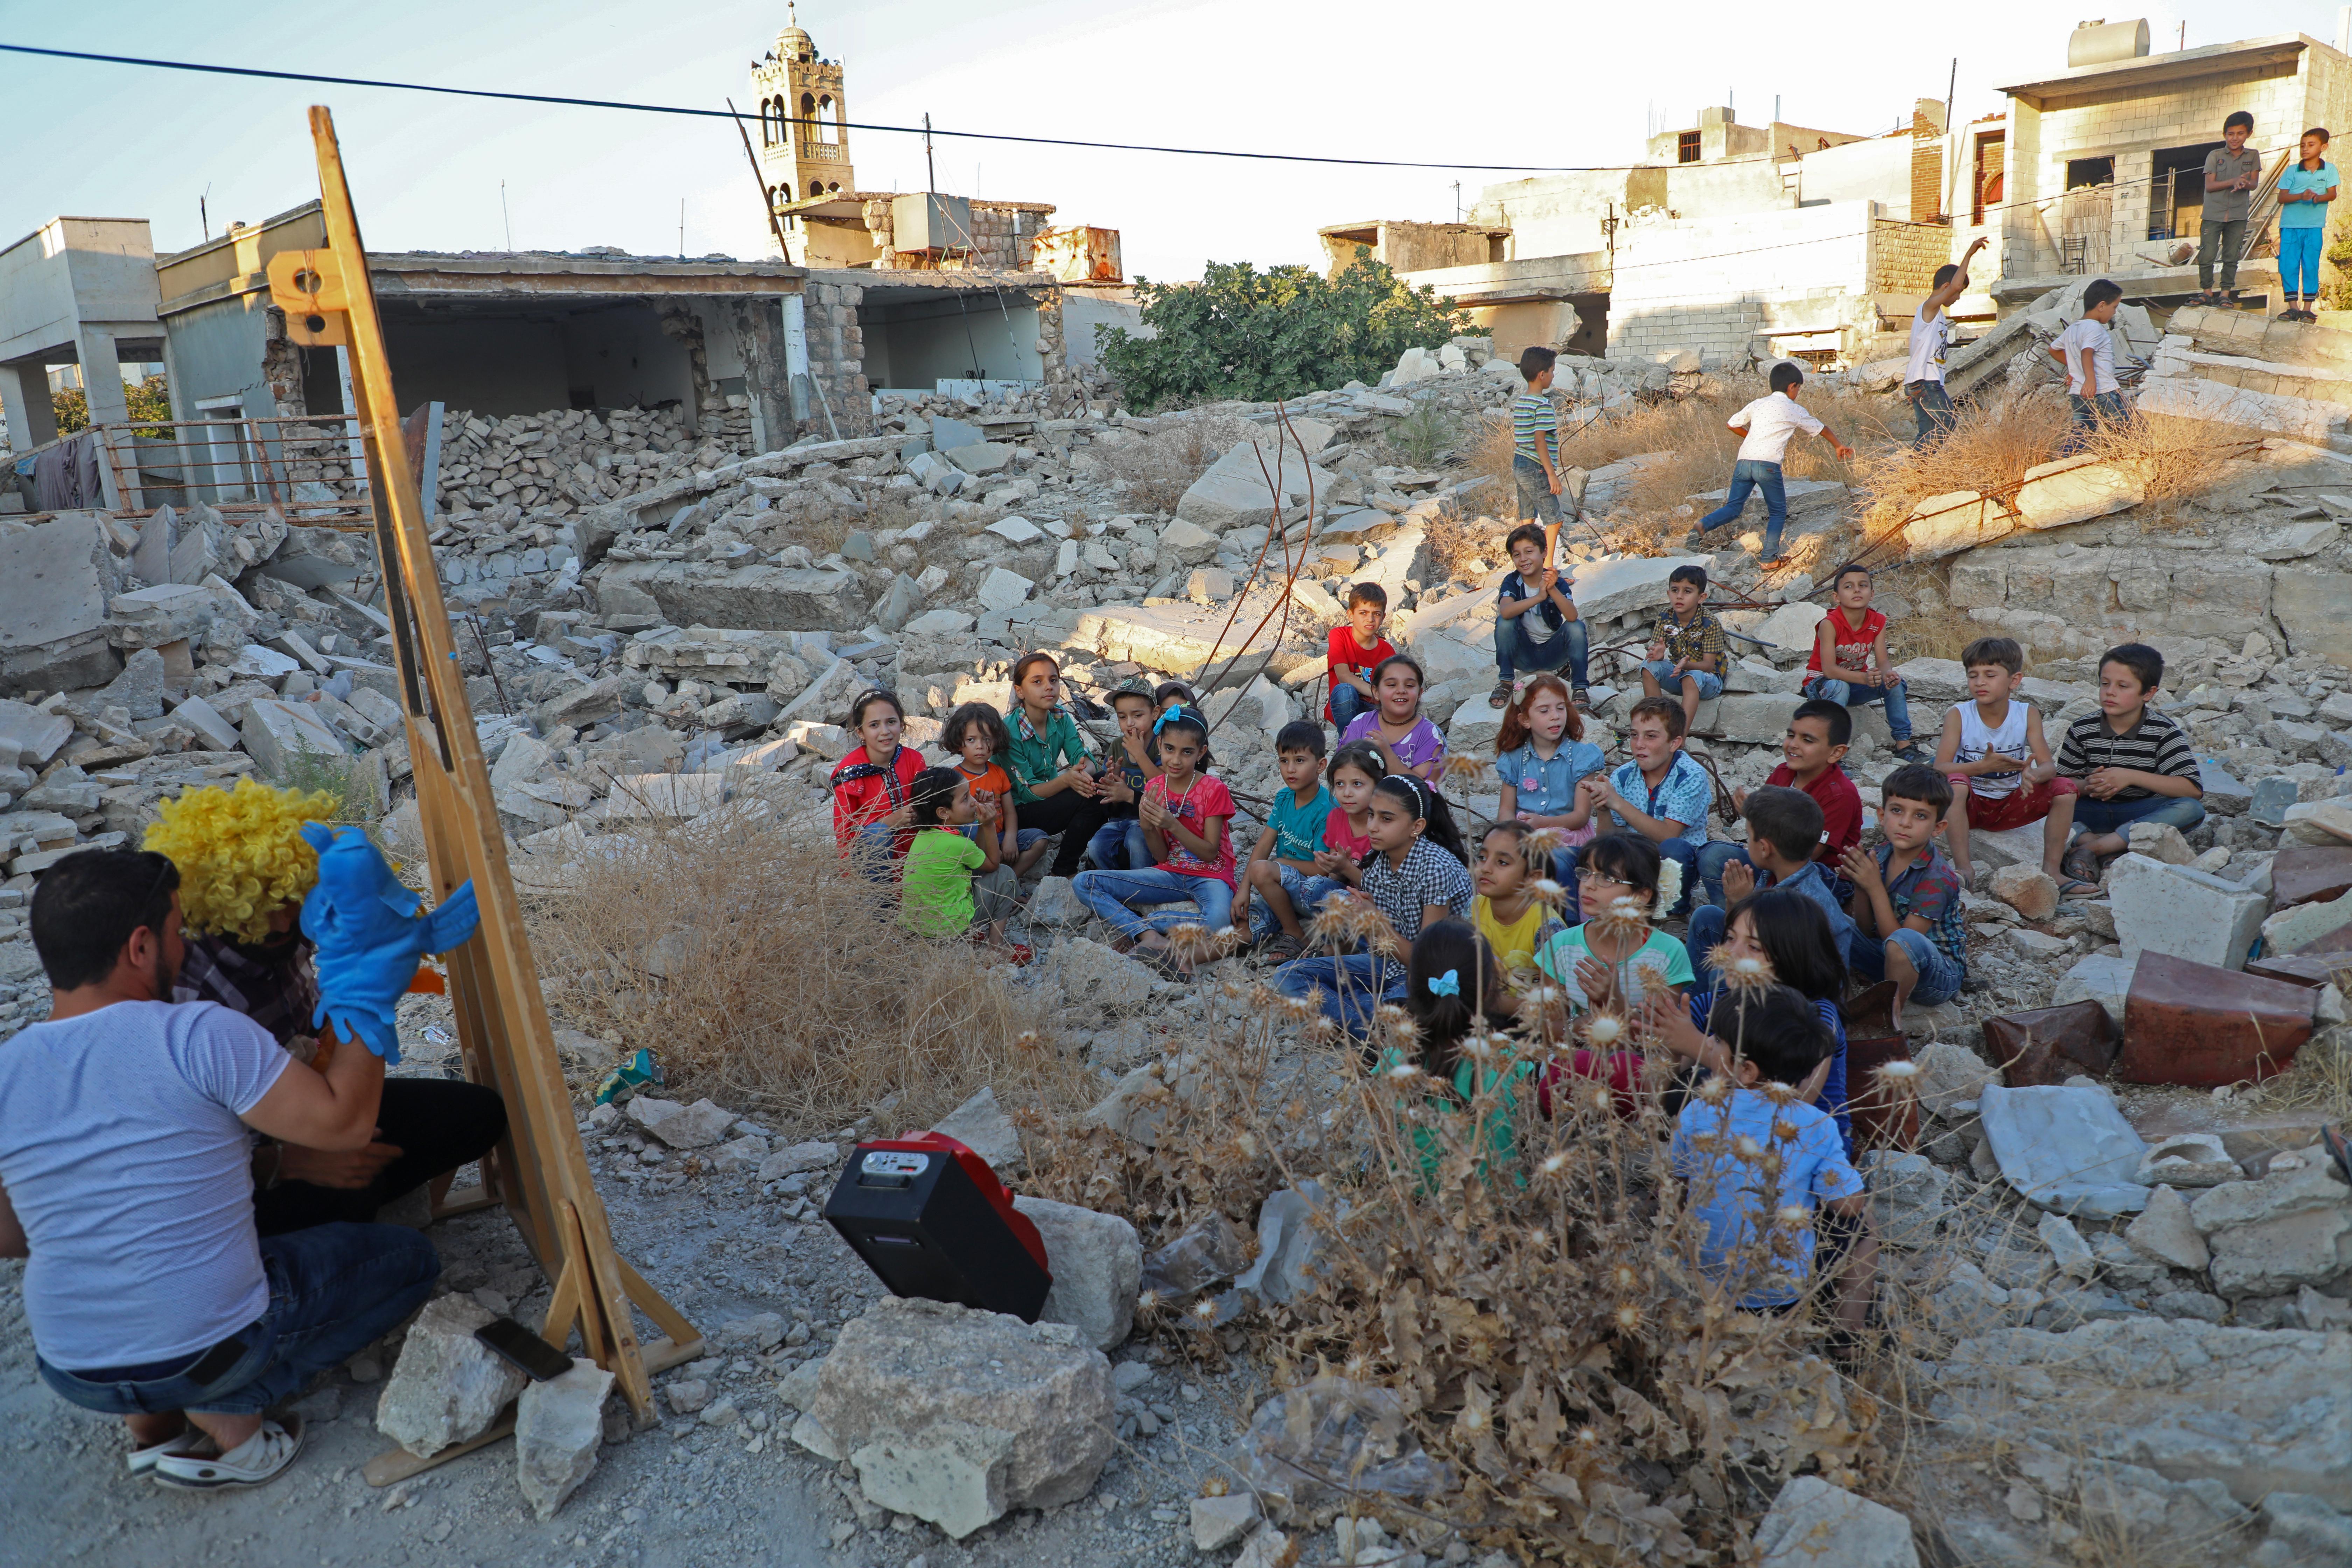 المهرج وليد أبو راشد يتنقل منذ سنوات في إدلب للترفيه عن الأطفال العالقين في دوامة الحرب والمعارك